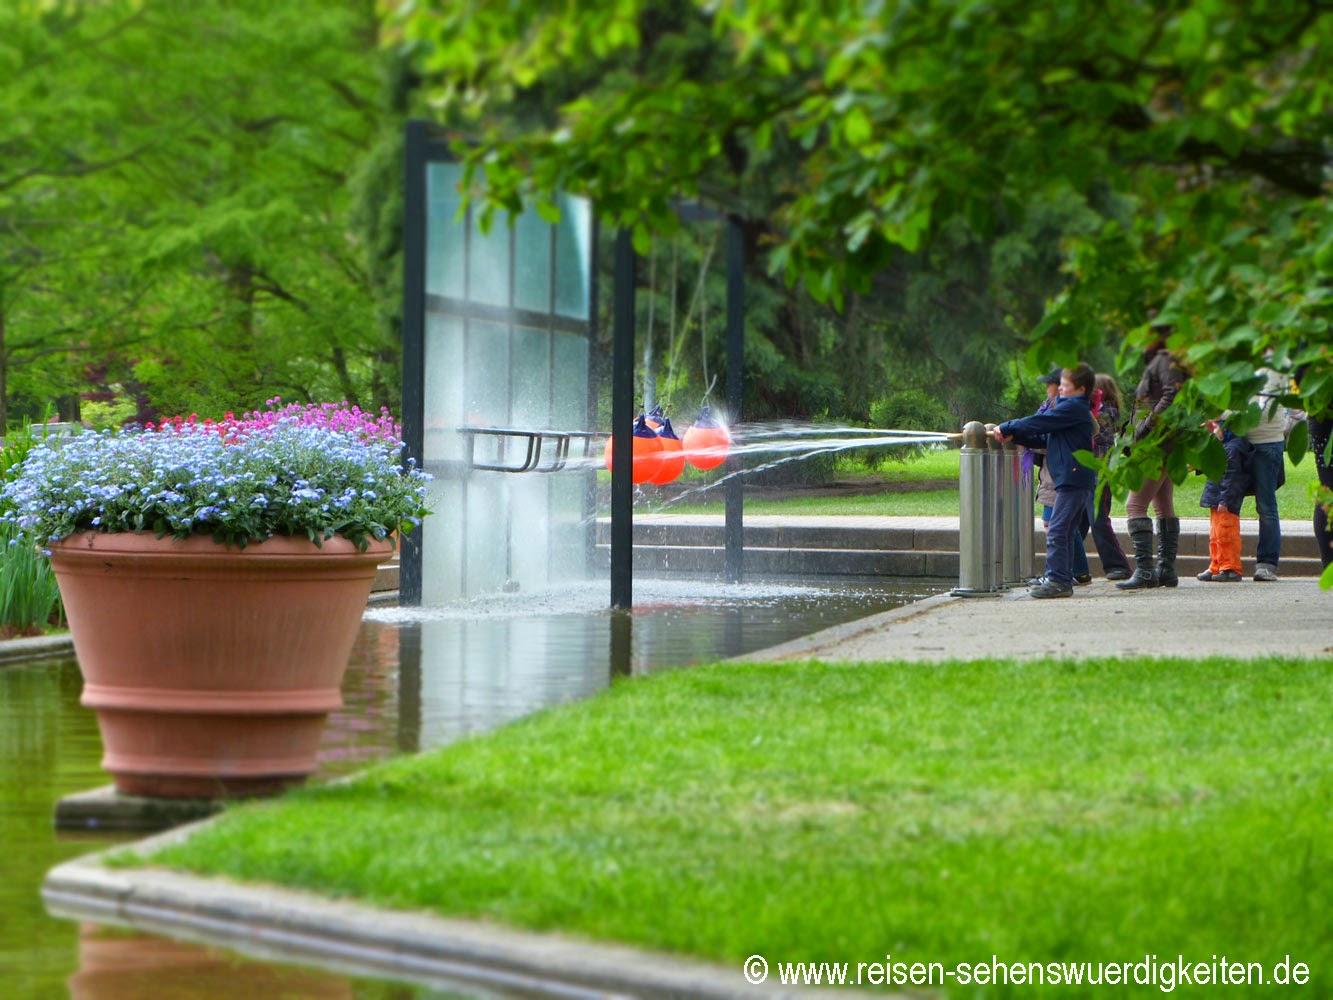 Planten un Blomen - Schönster Park in Hamburg, Kinder beim Spielen mit Wasser